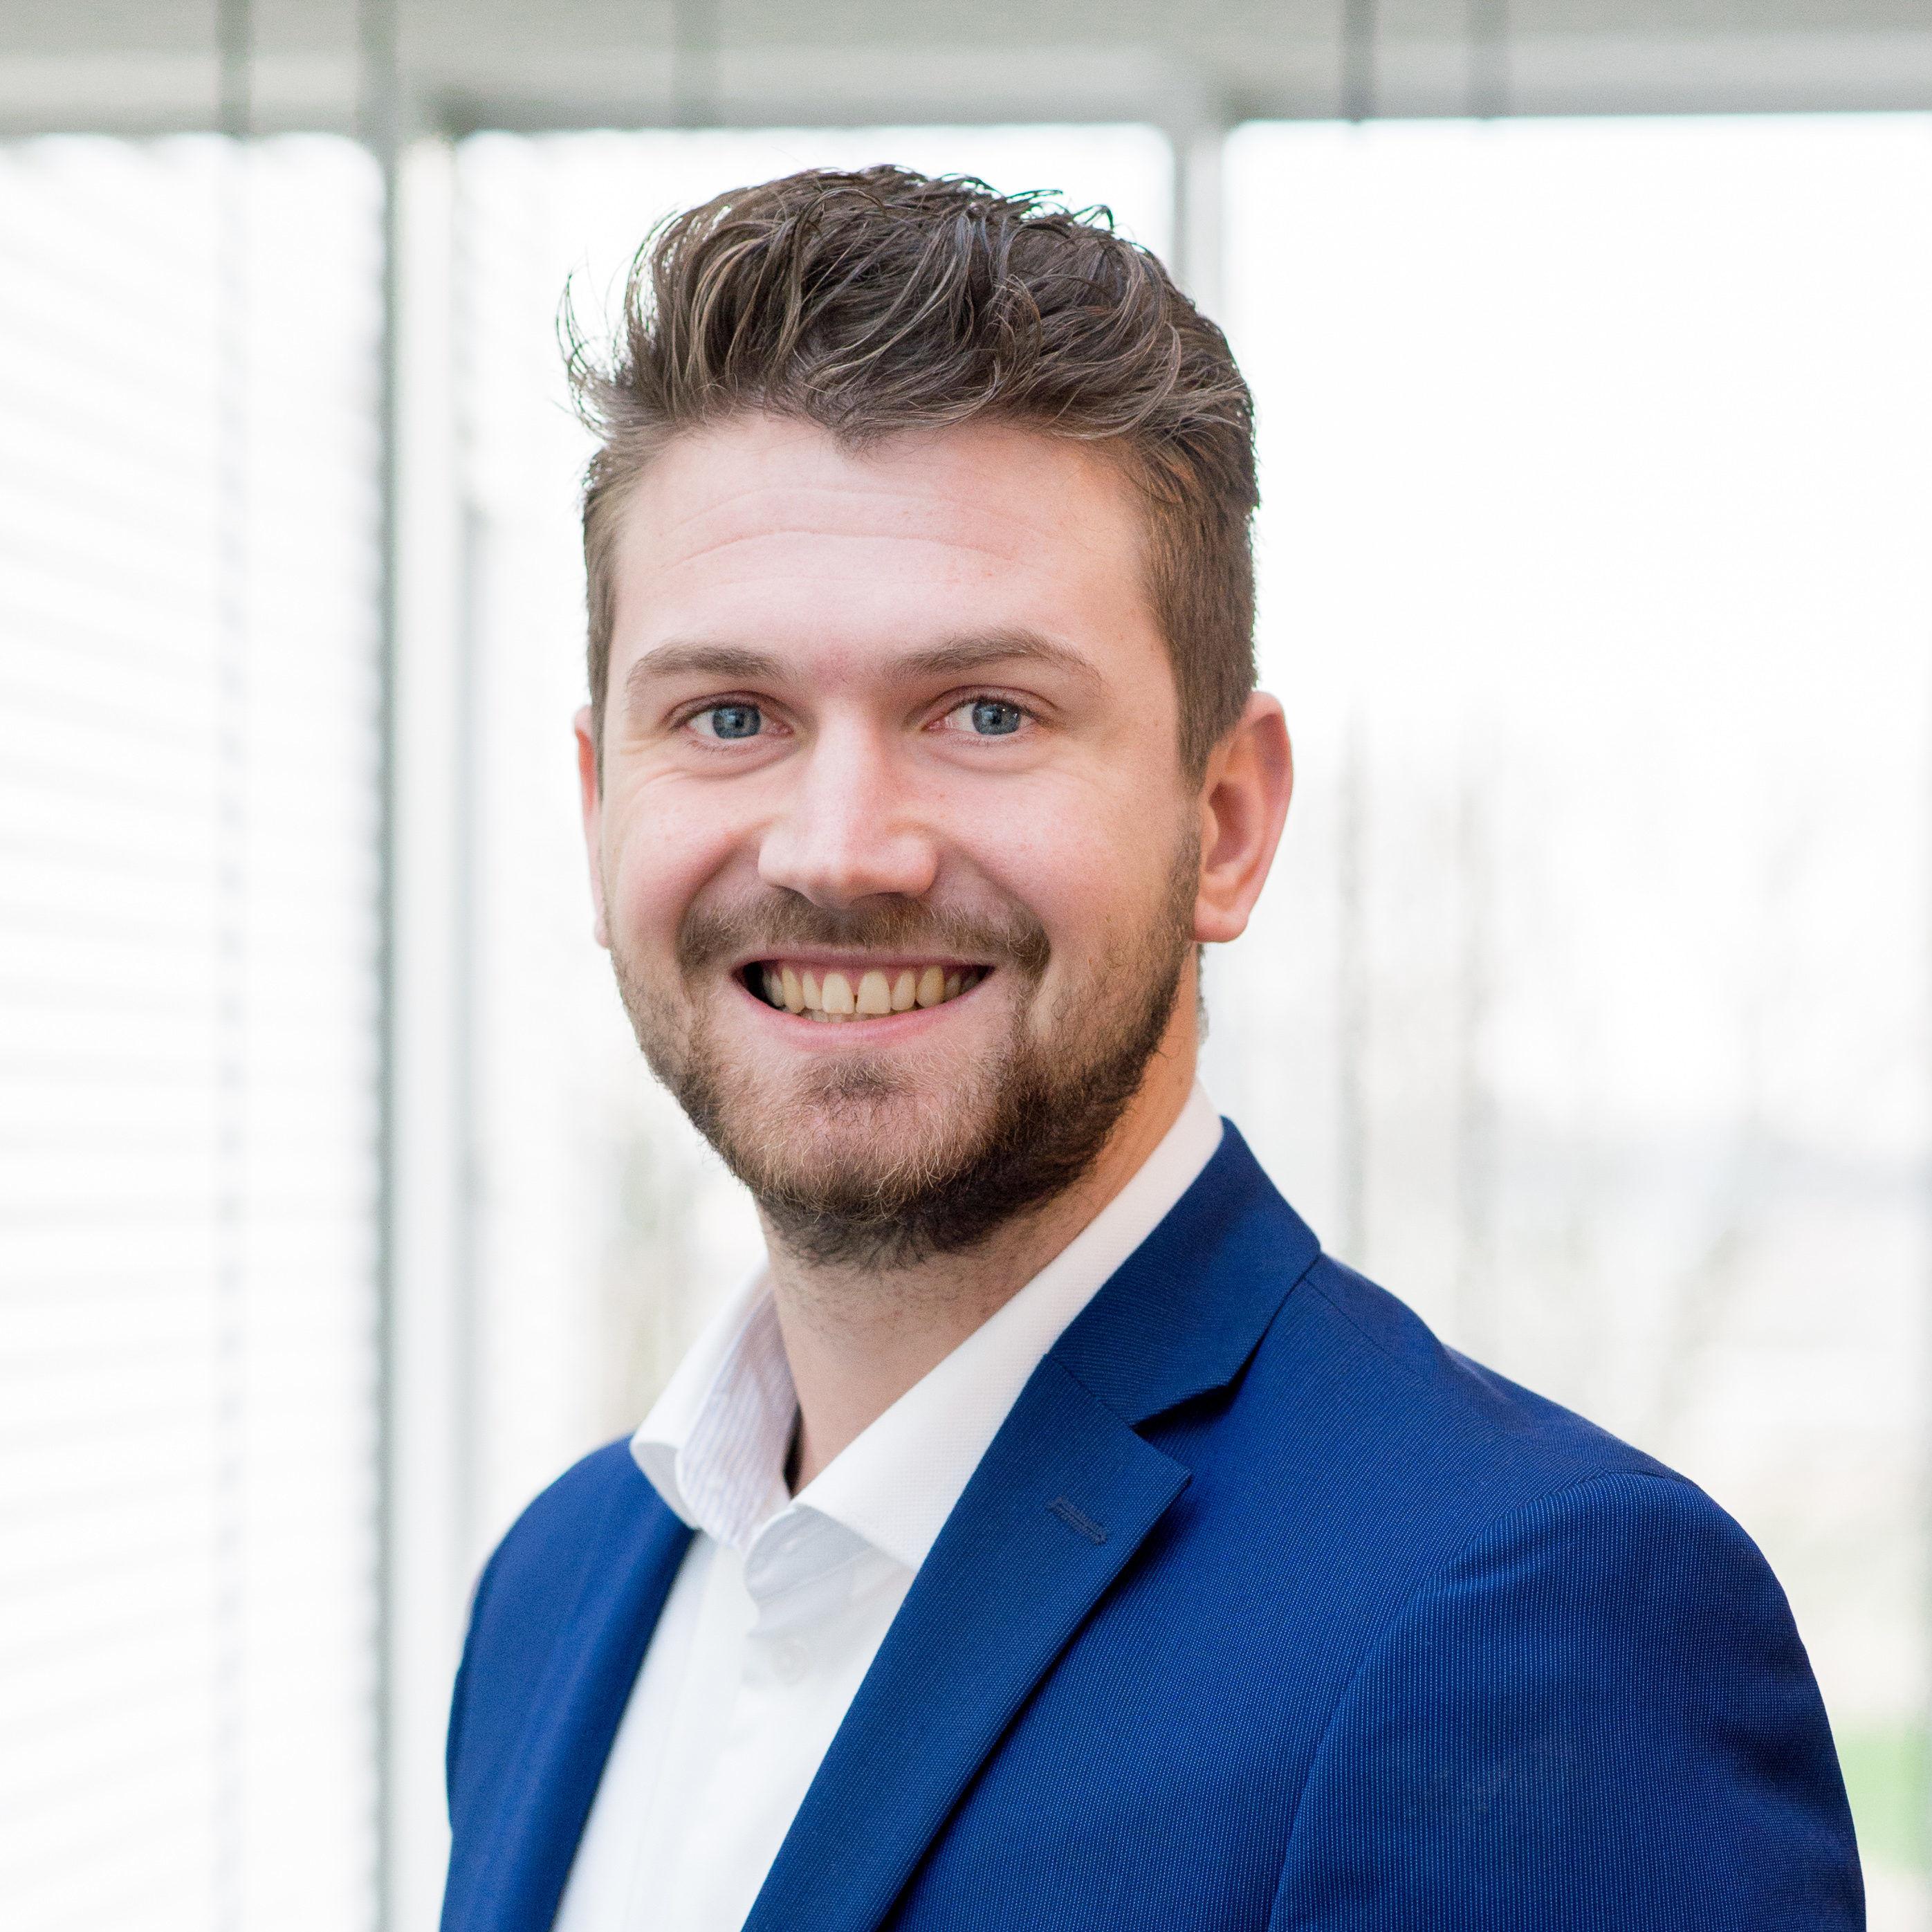 Martijn Swolfs van E-wolve online marketing Tilburg